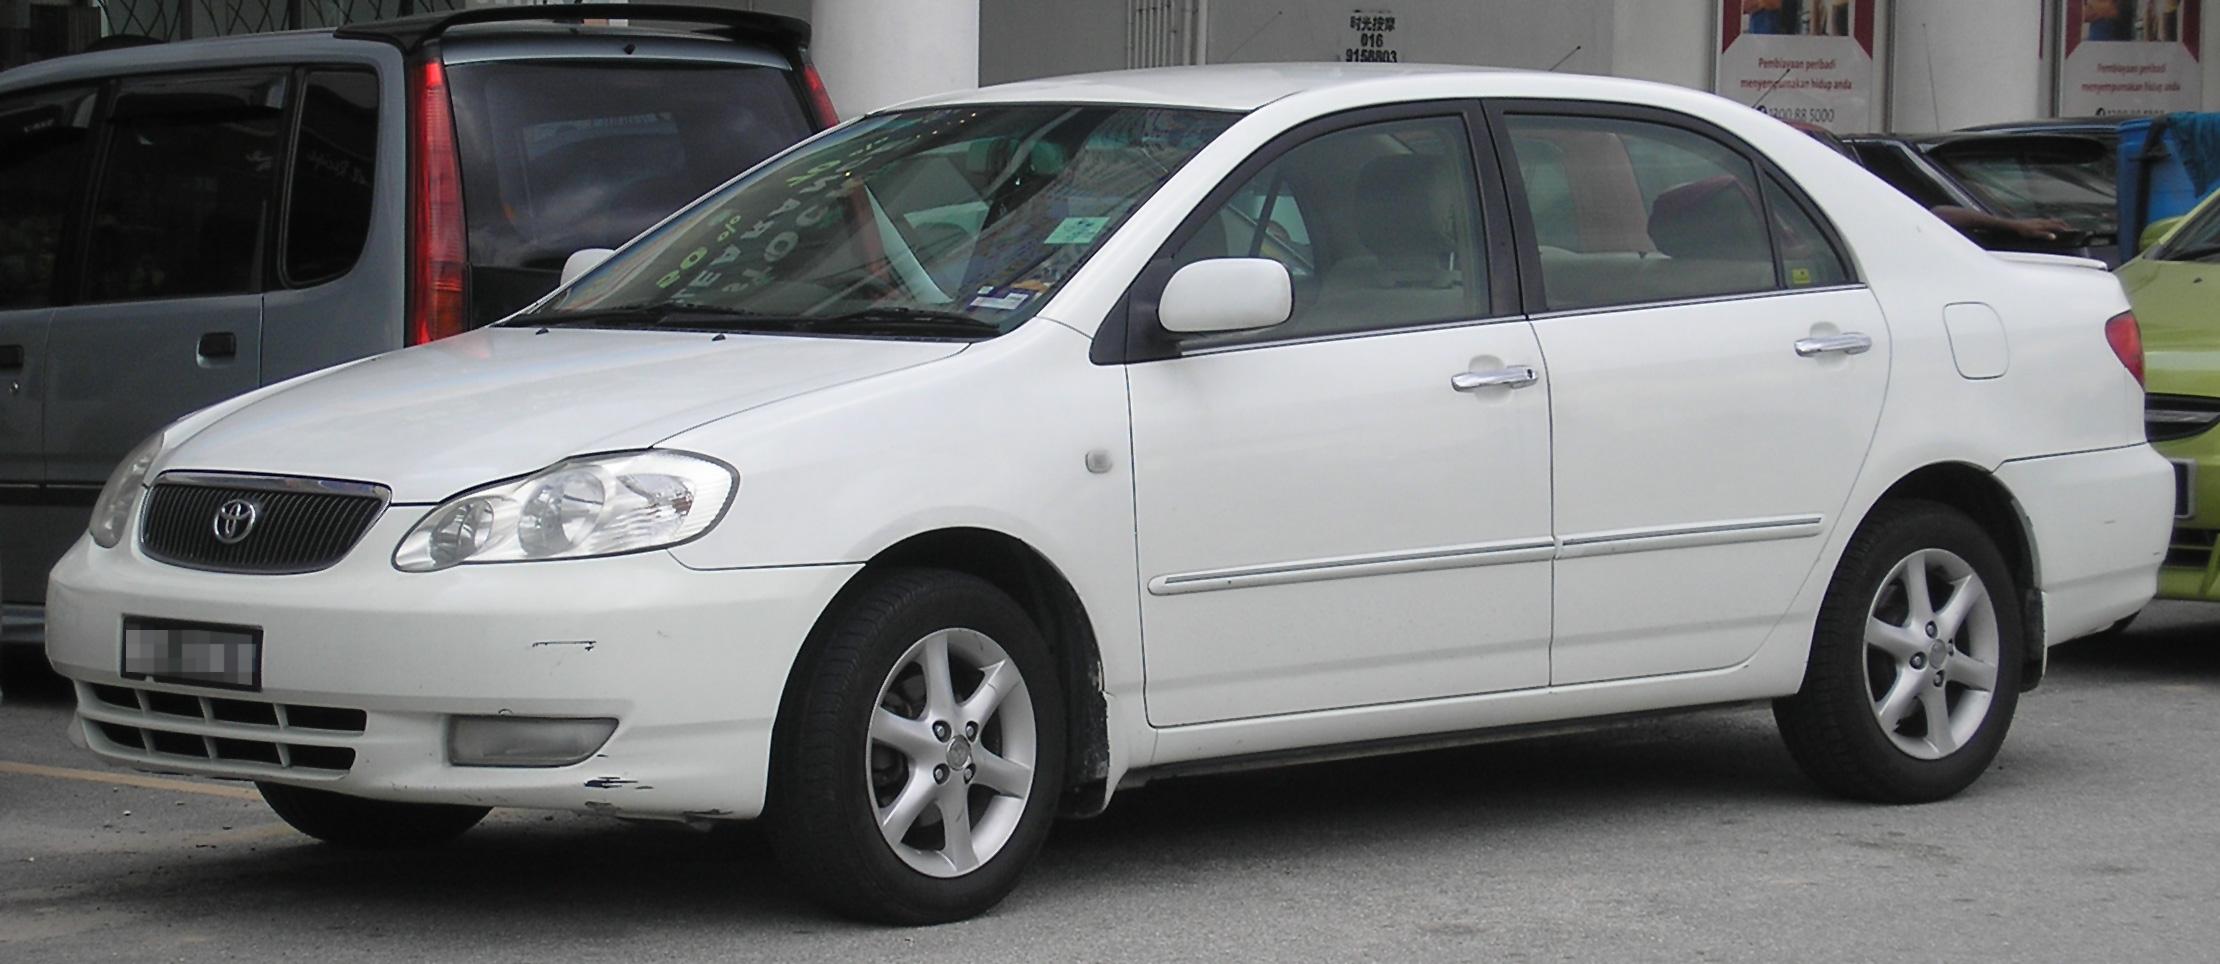 Kekurangan Toyota Altis 2007 Review